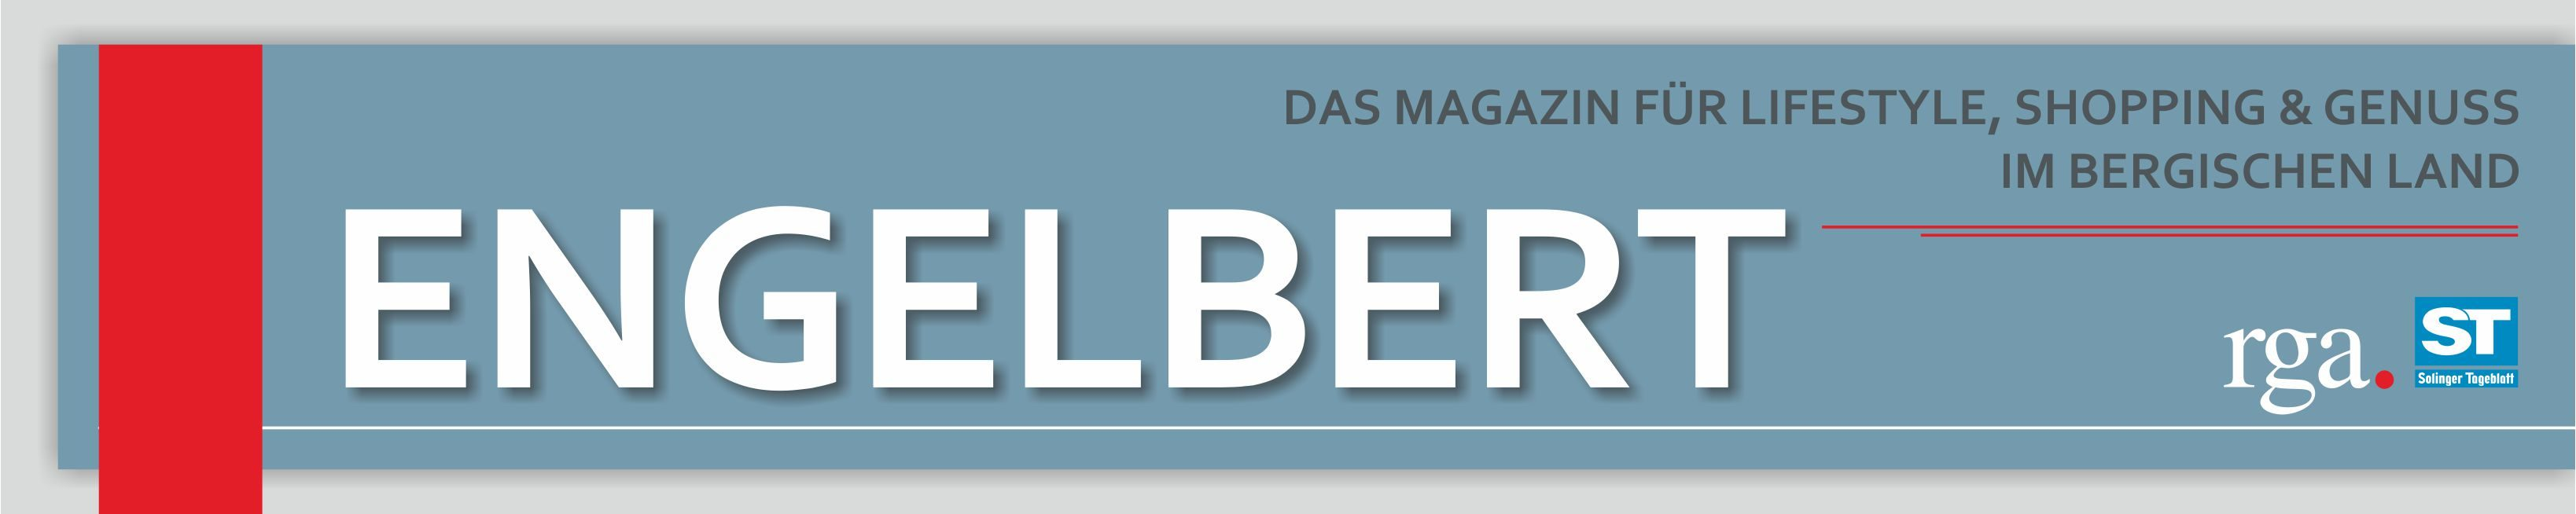 cropped-Engelbert-Header.jpg